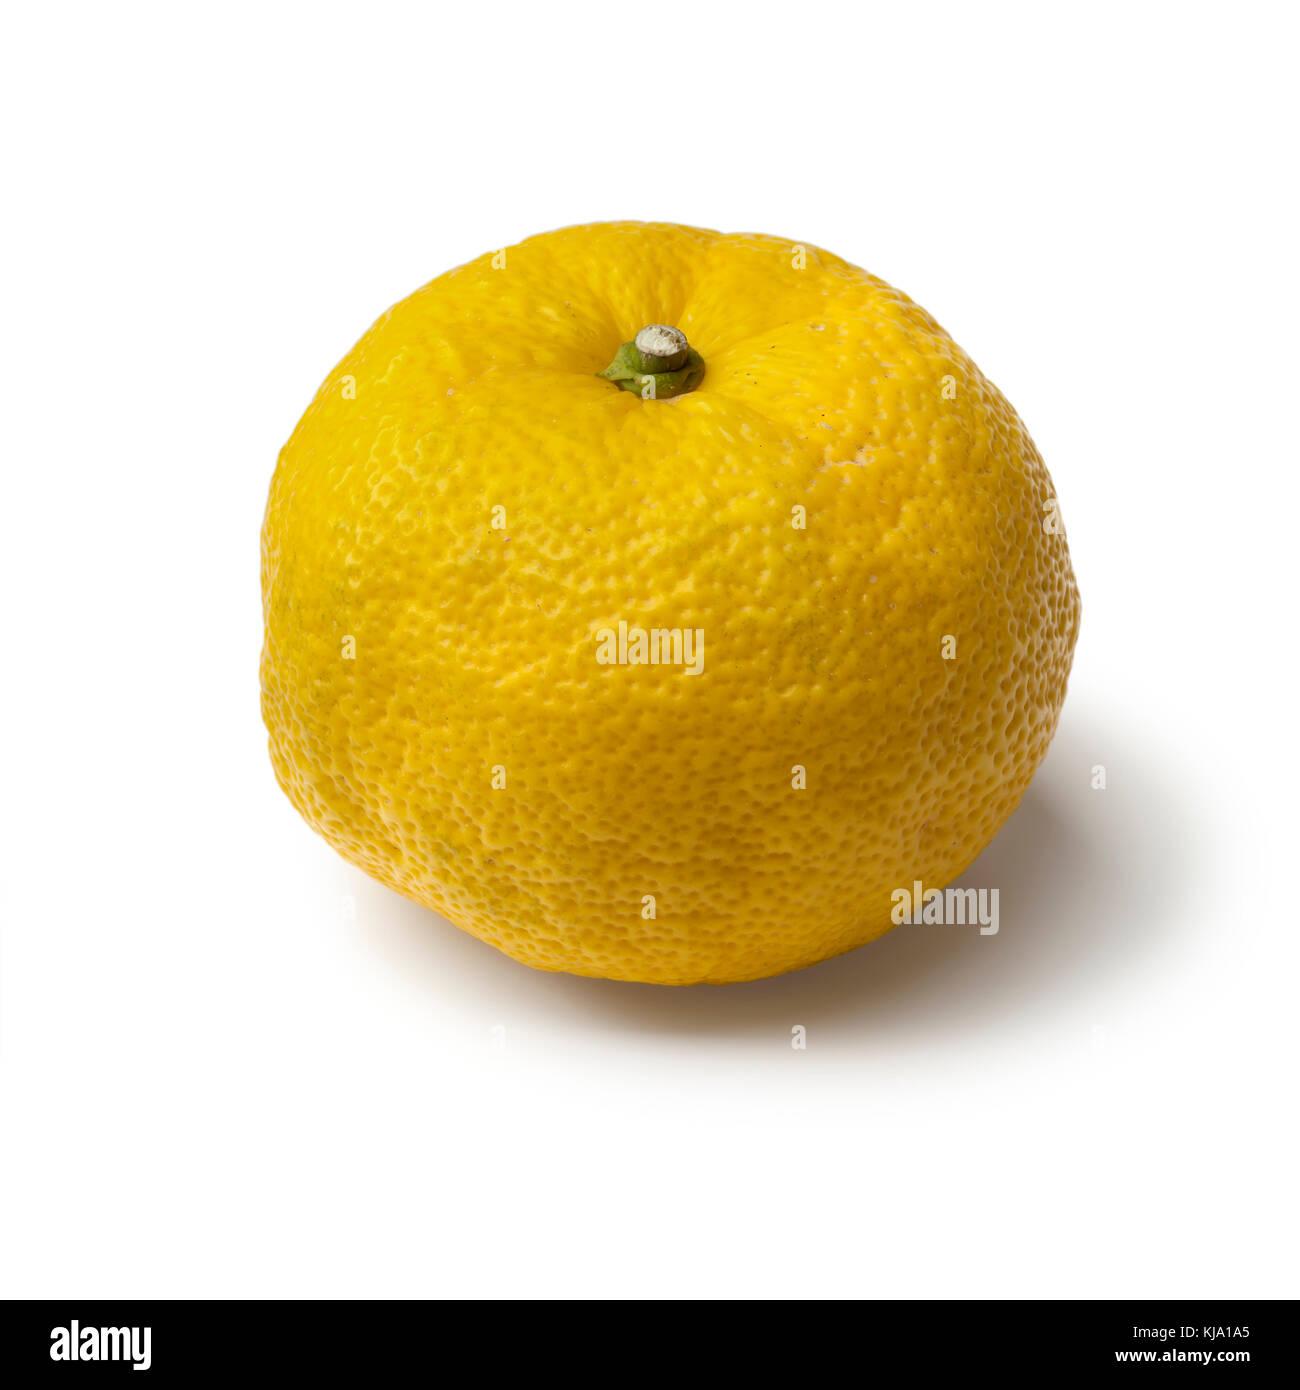 Singel fresh yellow Japanese Yuzu on white background - Stock Image